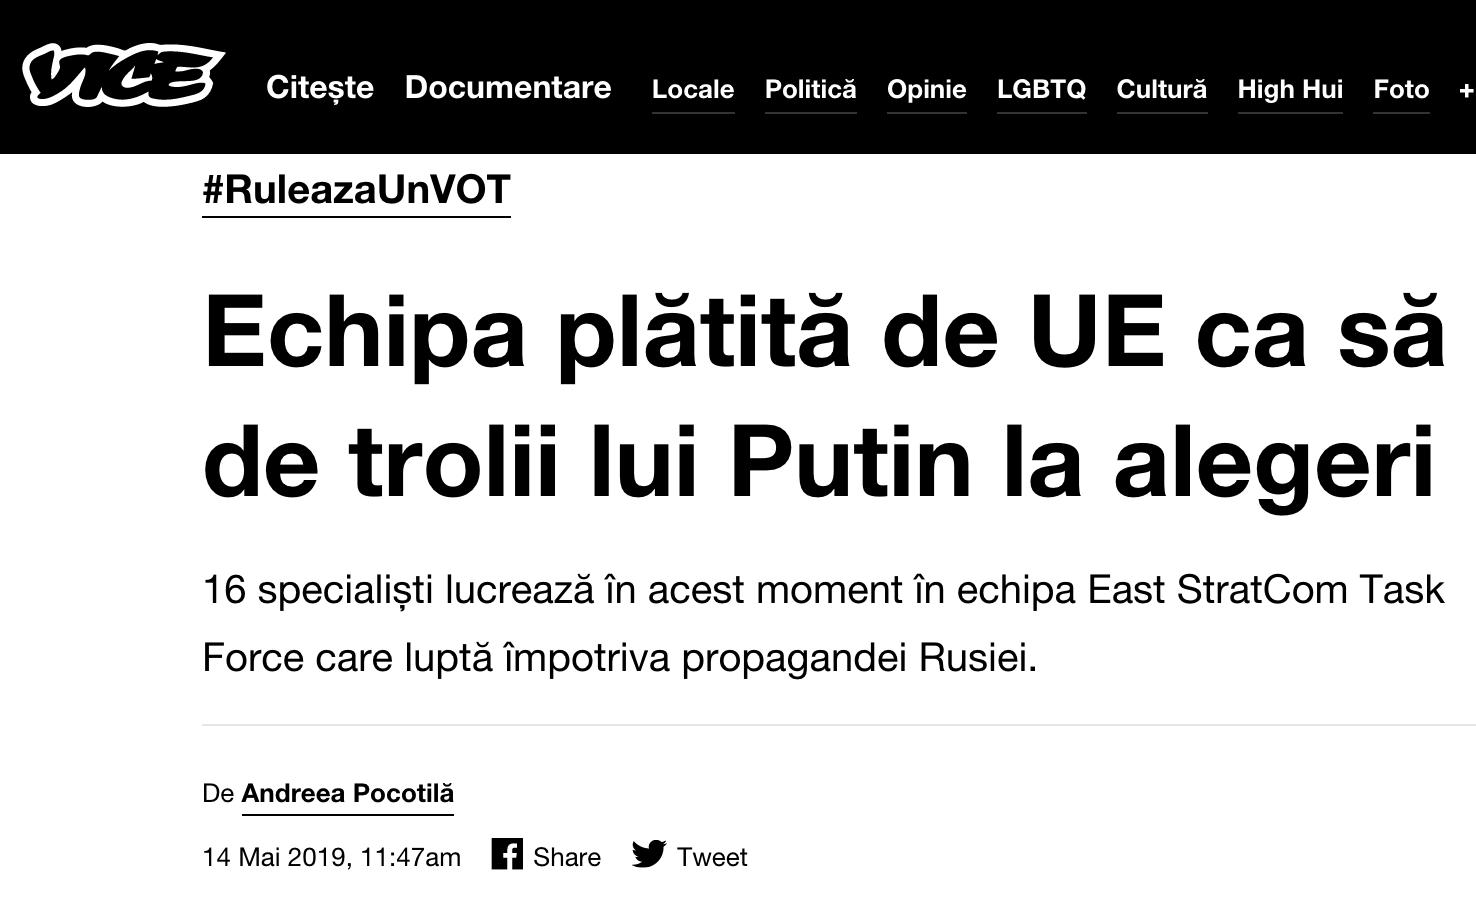 VICE News: Echipa plătită de UE ca să te țină departe de trolii lui Putin la alegeri